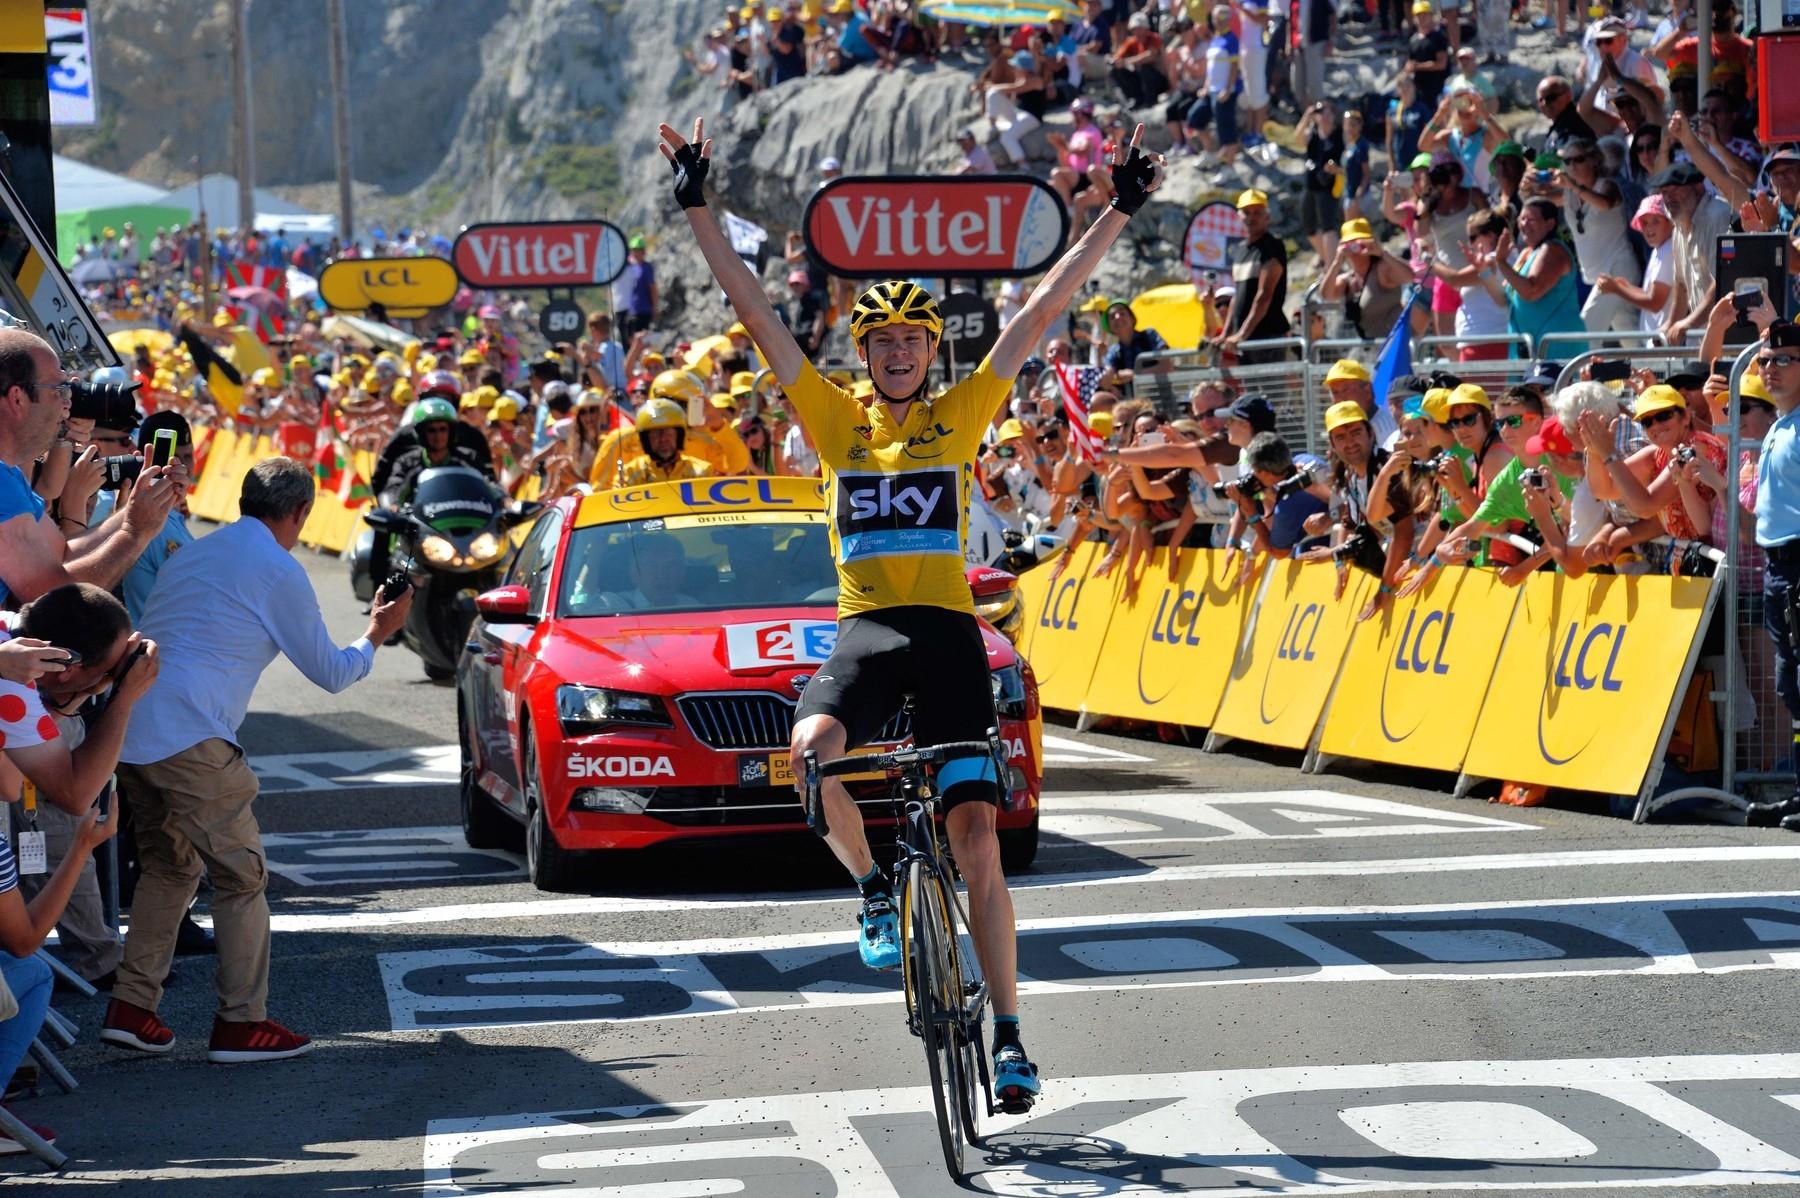 Žlutý trikot a tisíce diváků patří neodmyslitelně k Tour de France. Fanoušci však letos zřejmě budou muset přijmout jistá omezení v důsledku pandemie koronaviru. Foto: profimedia